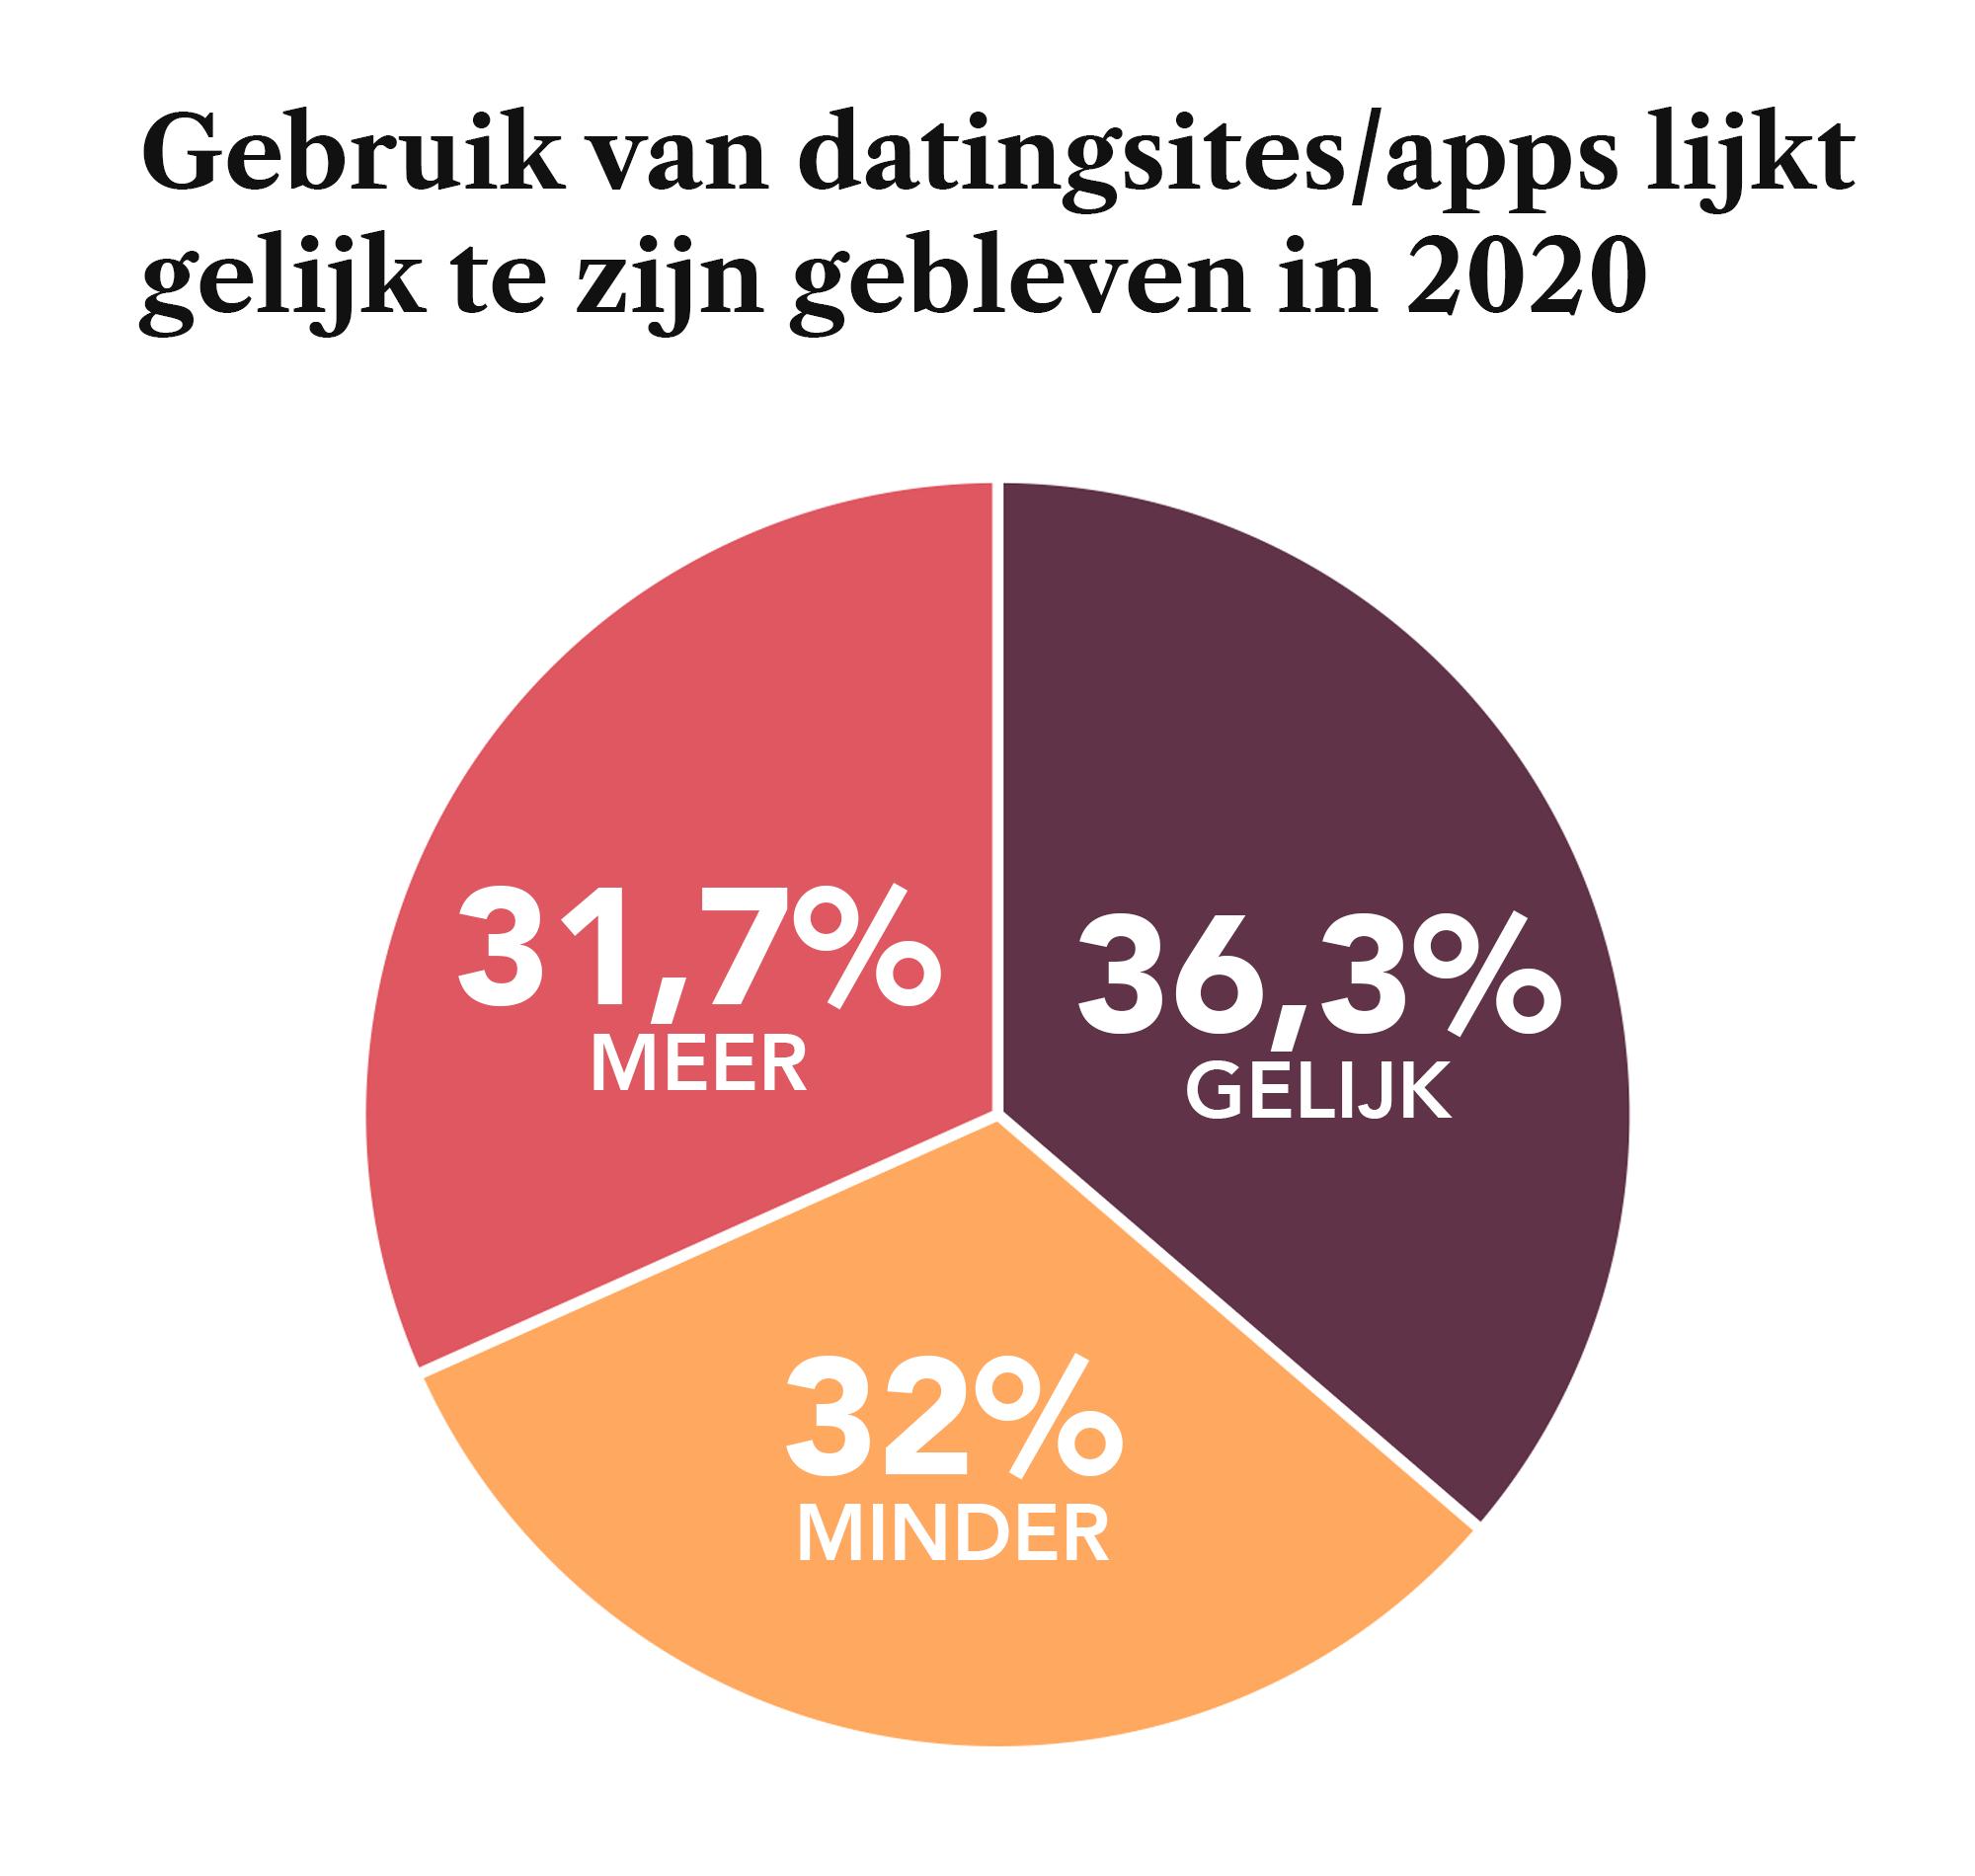 Gebruik van datingsites en apps lijkt gelijk te zijn gebleven